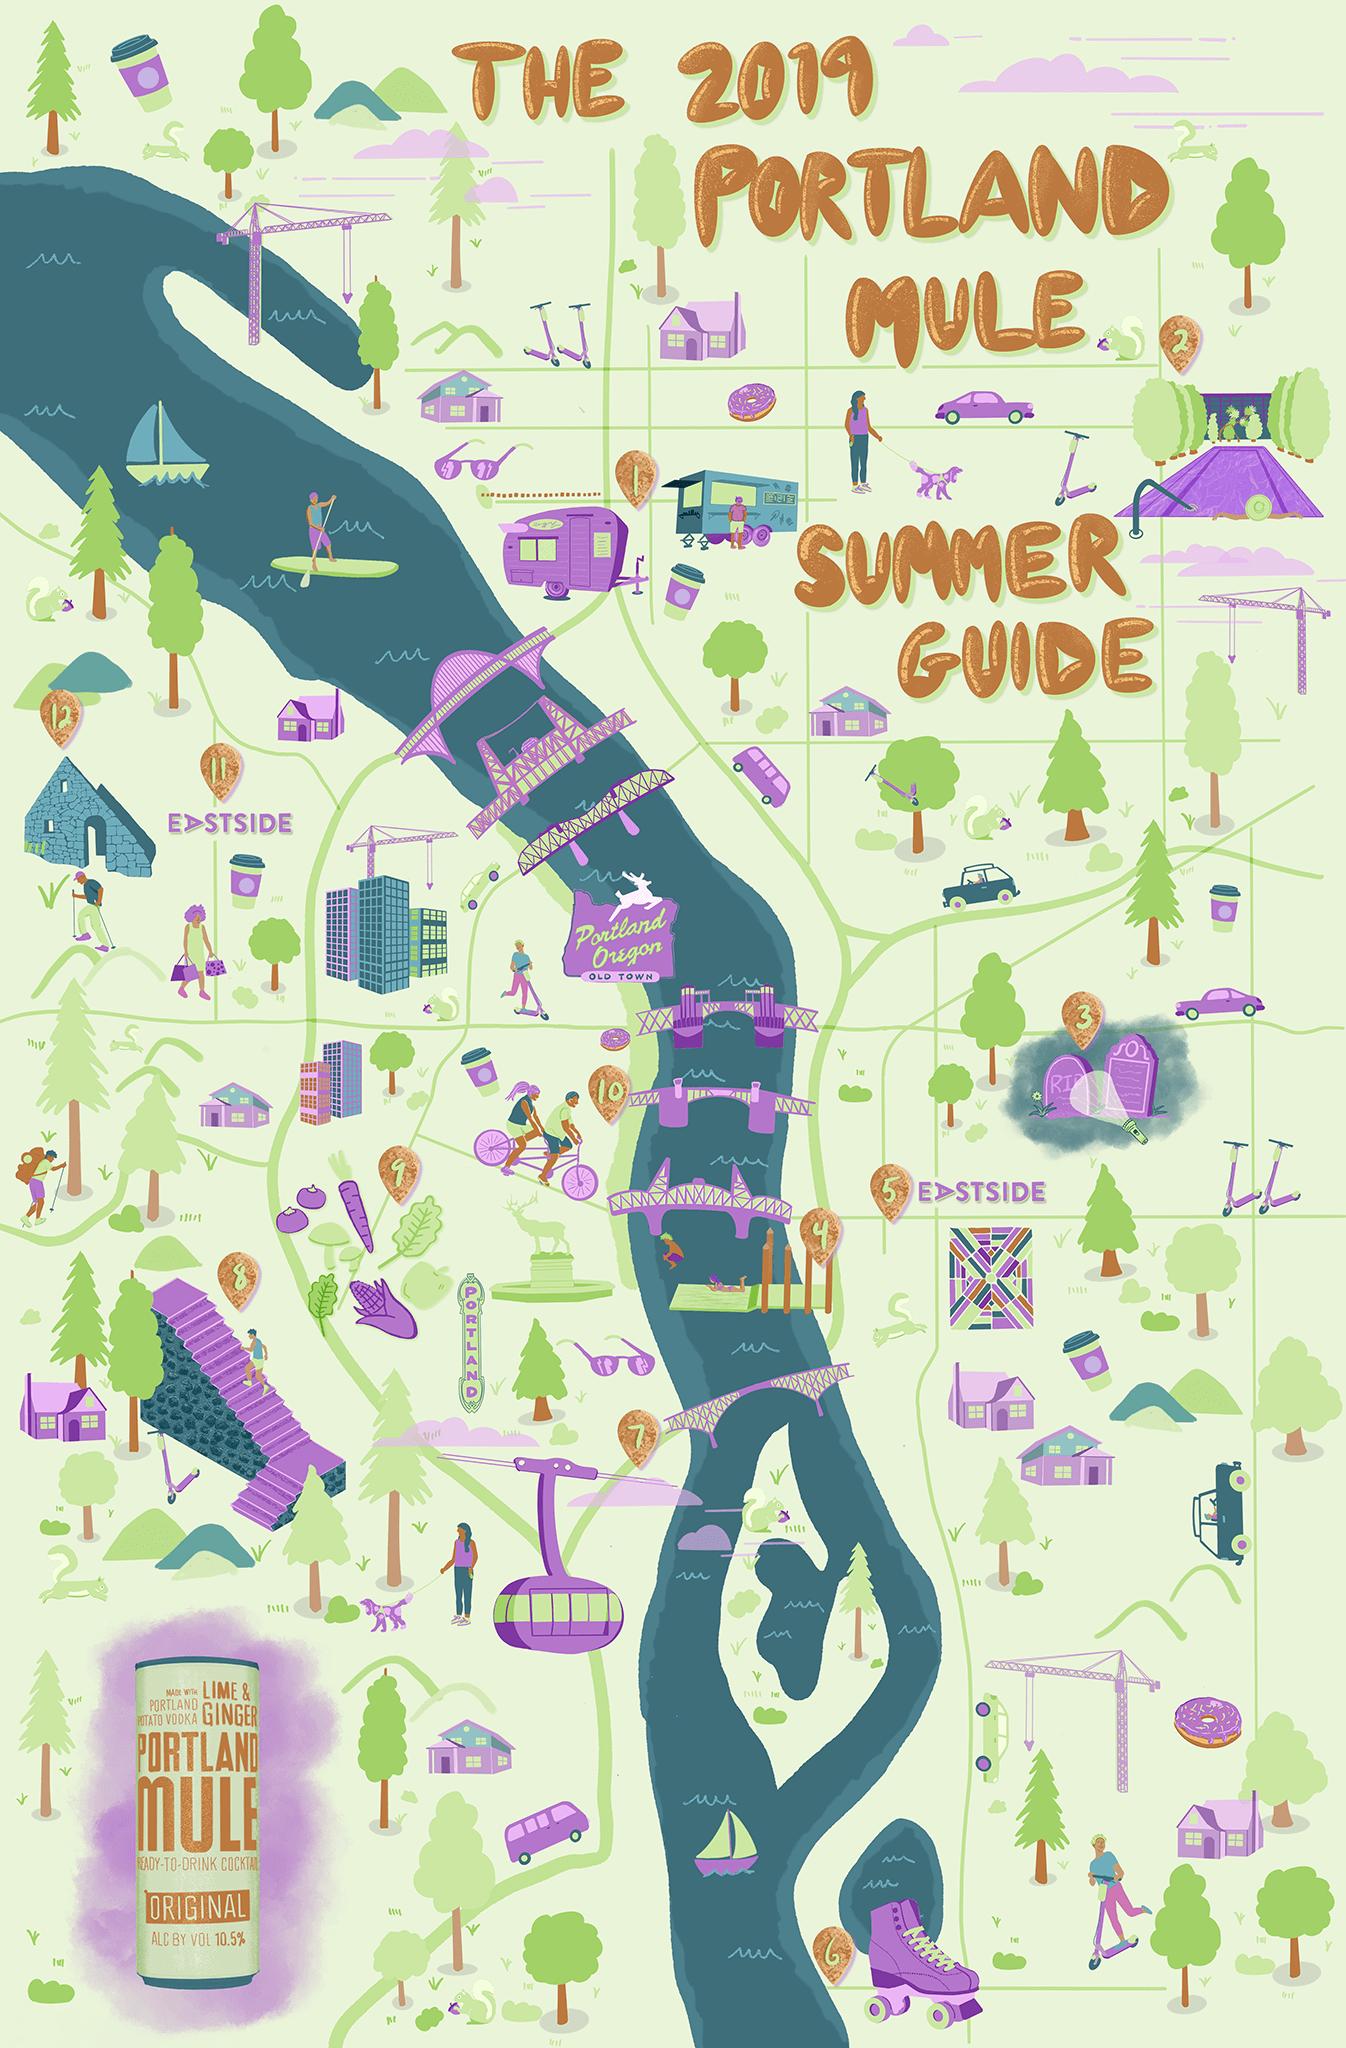 2019 Portland Mule Summer Guide